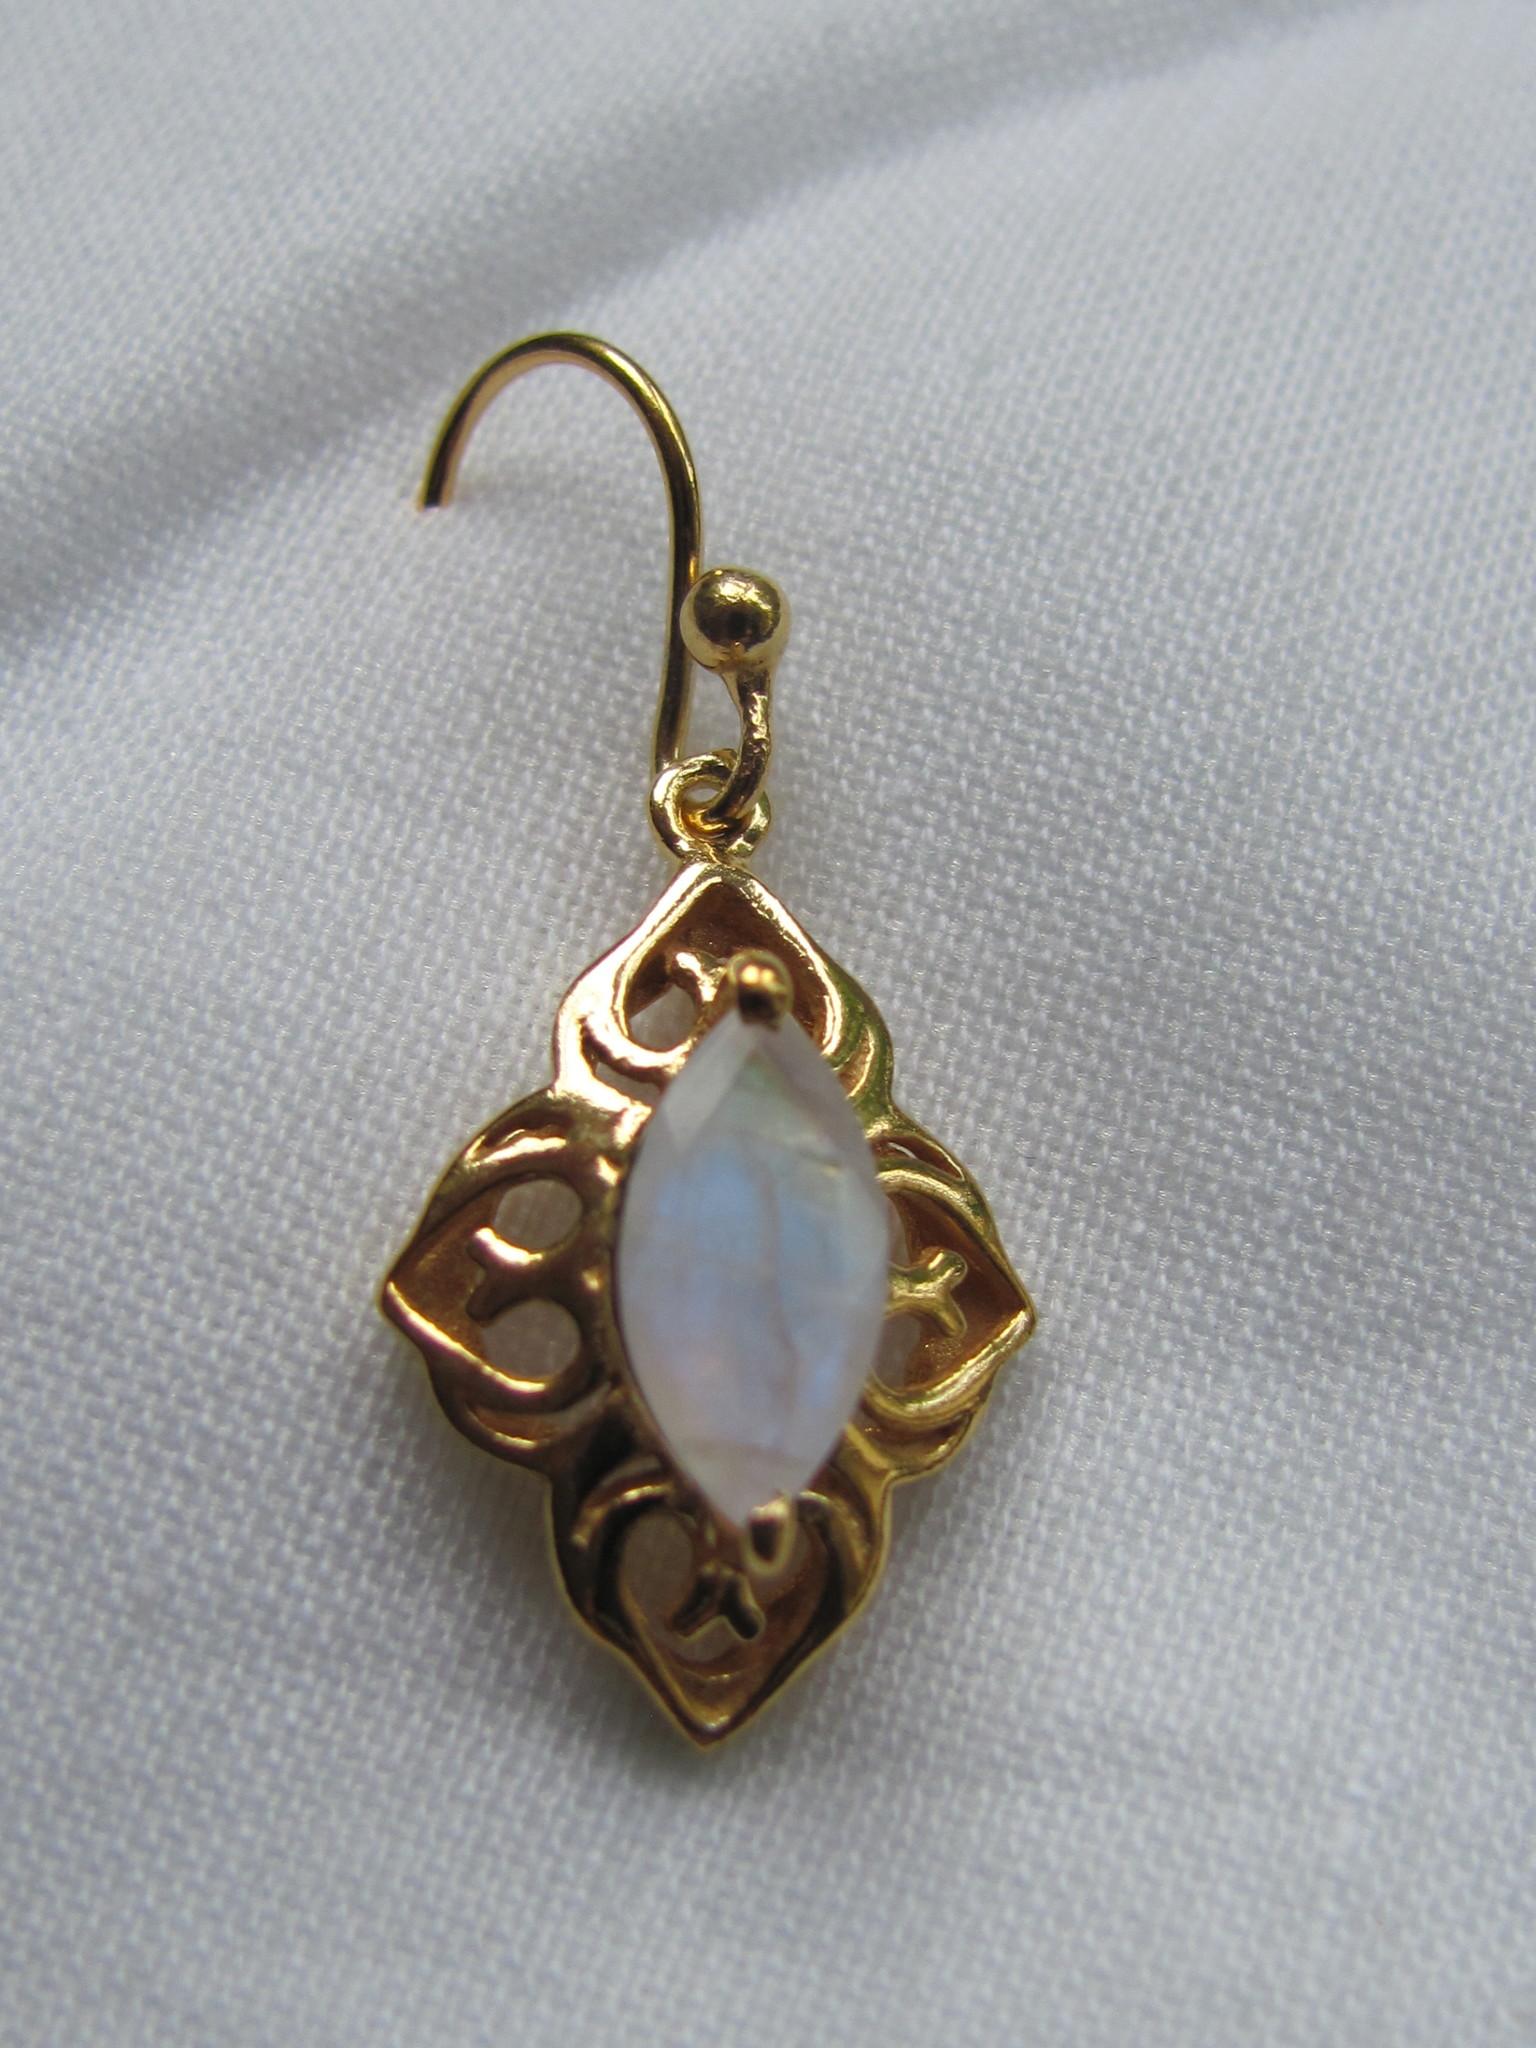 Oorbel goud  op zilver met regenboog maansteen